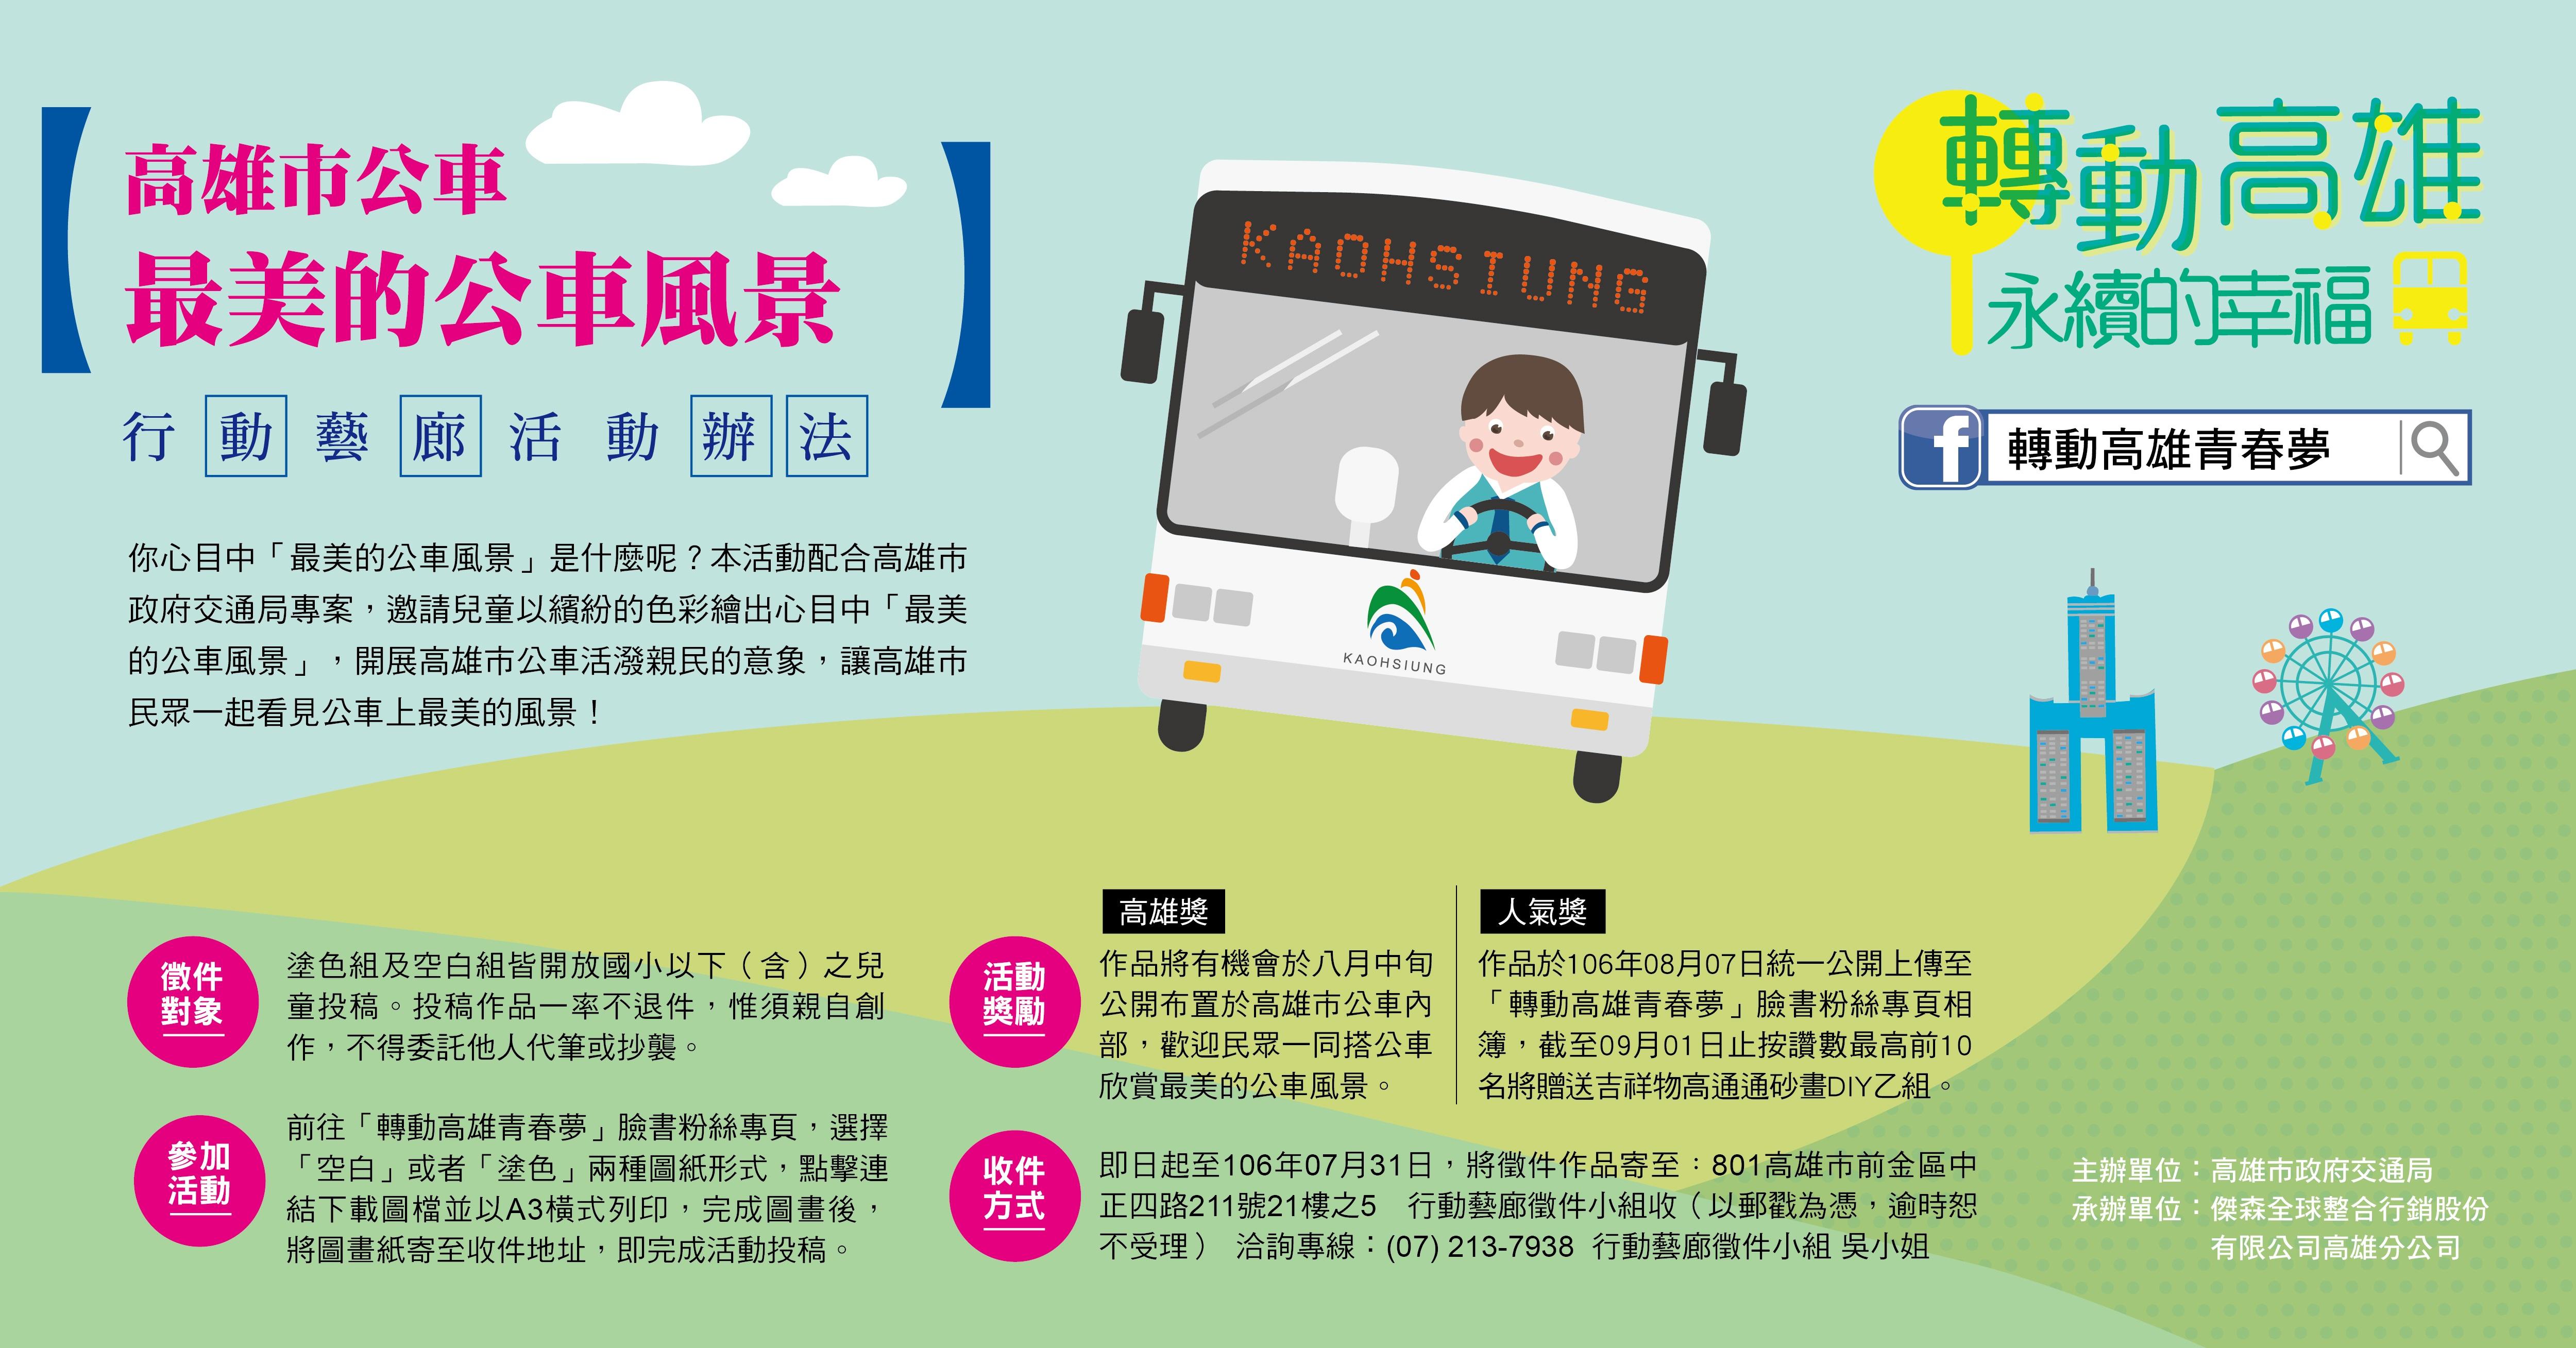 「最美的公車風景,行動藝廊」活動,邀請您參加!